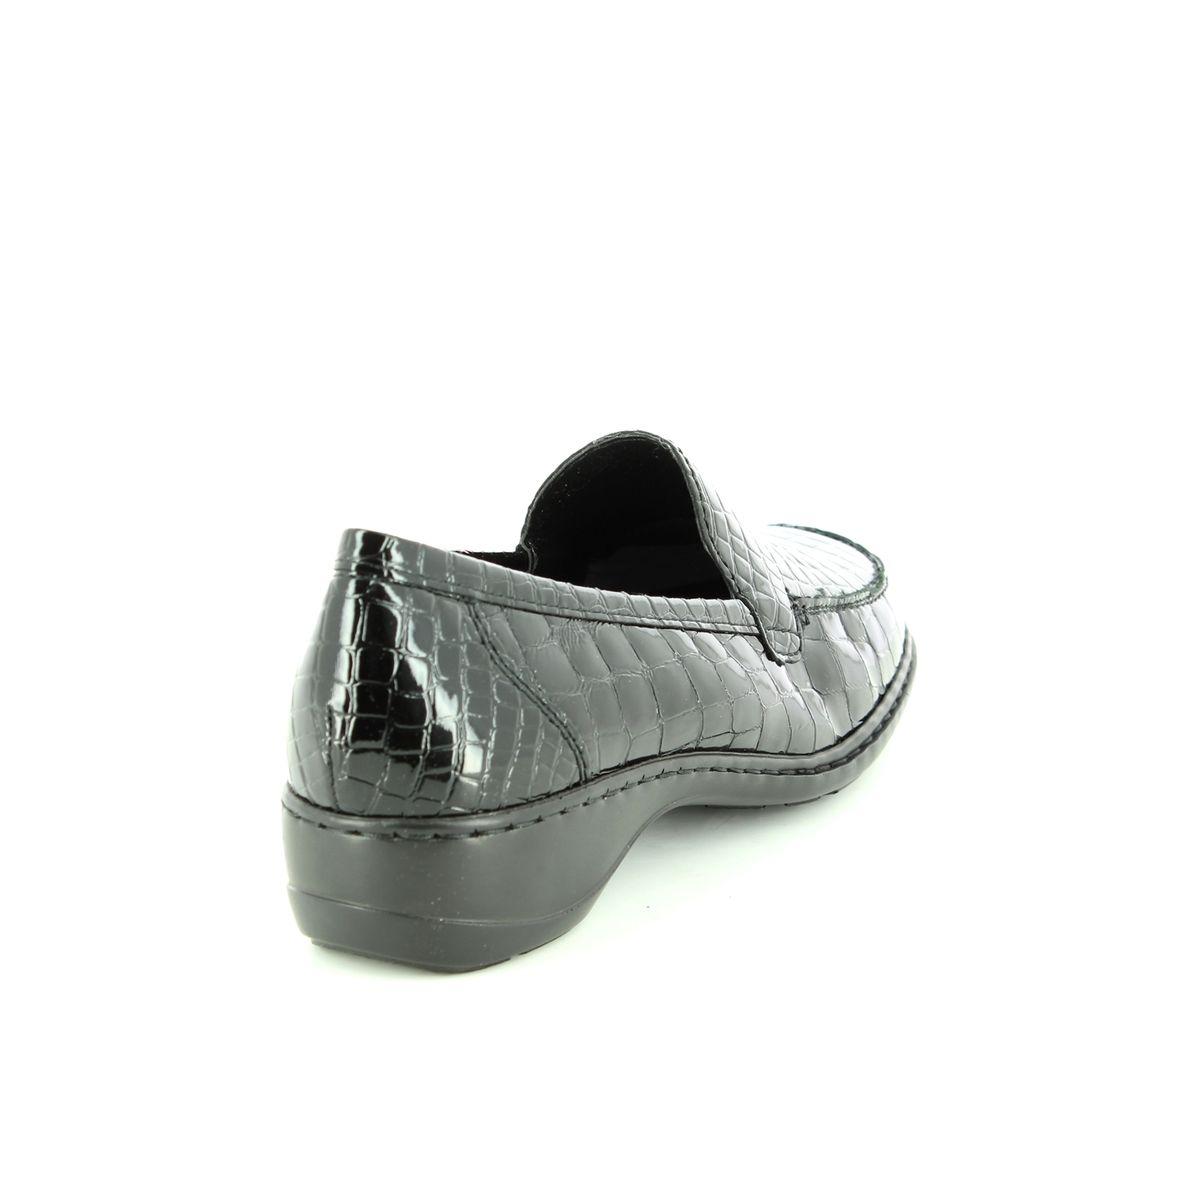 b30a022485ad Rieker Comfort Shoes - Black croc - 583A0-00 DORTESSA